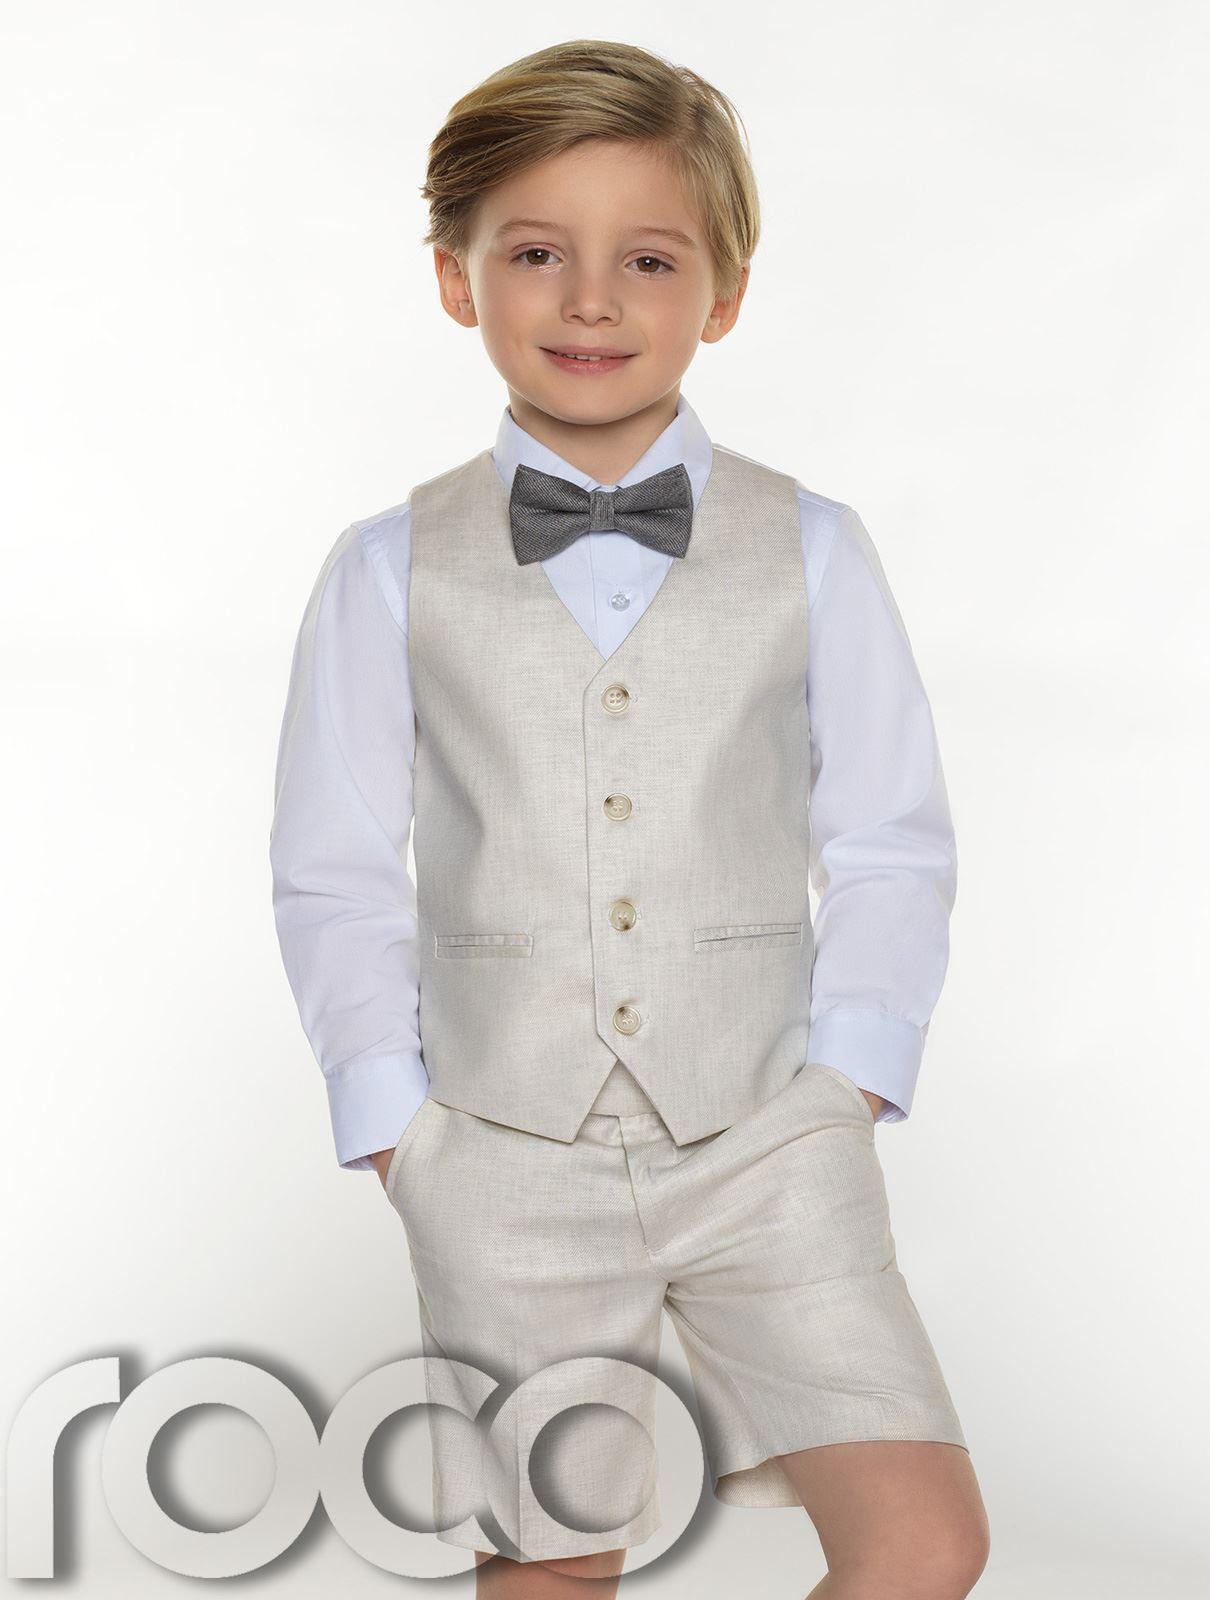 Boys-suits-boys-lin-costumes-page-garcon-tenues-garcons-formal-suits-avec-short miniature 9